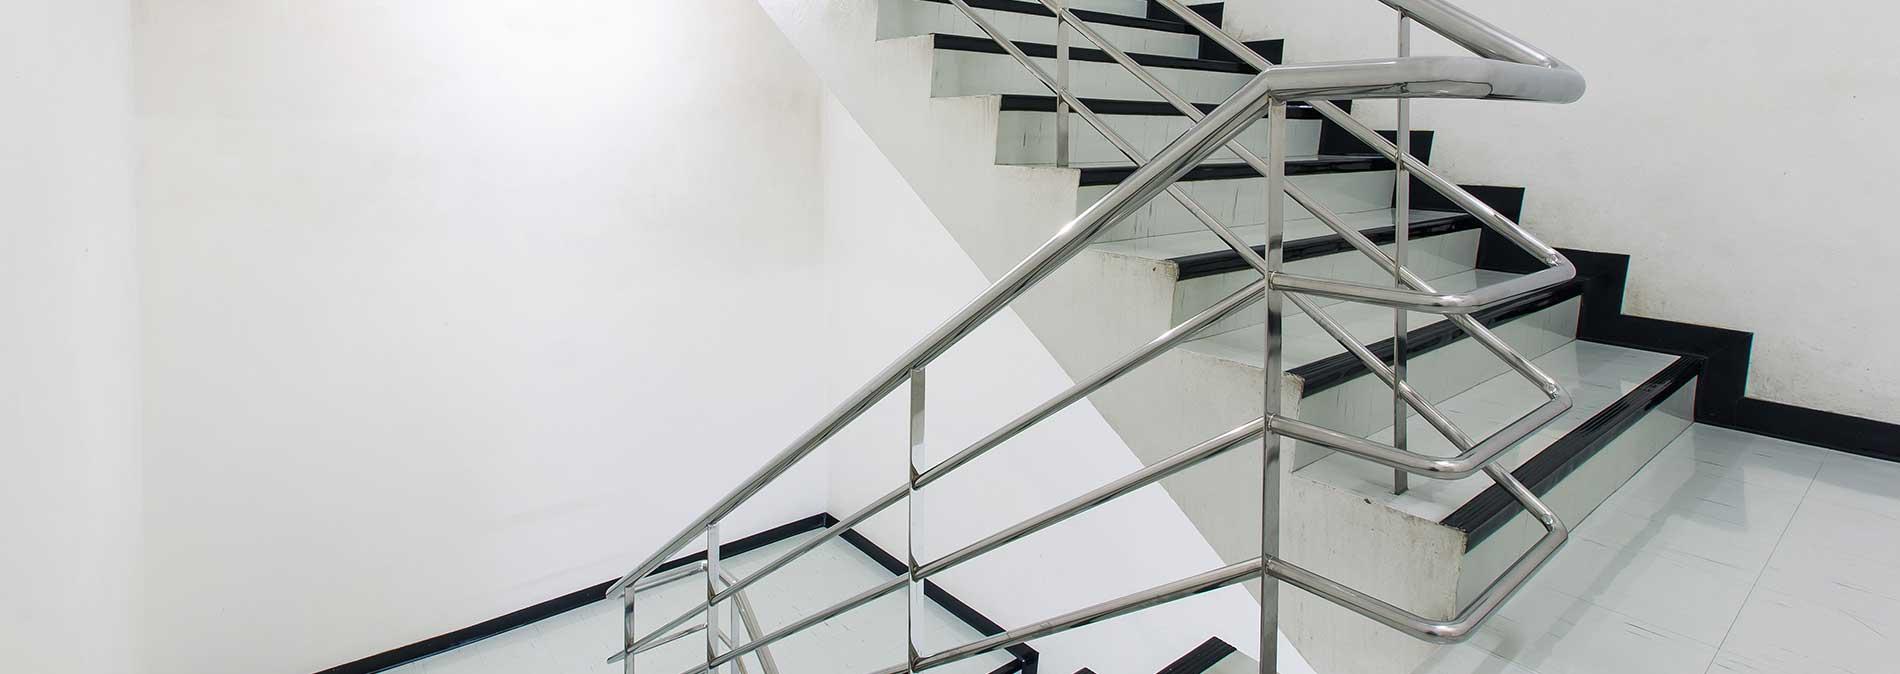 Stairwell Pressurisation